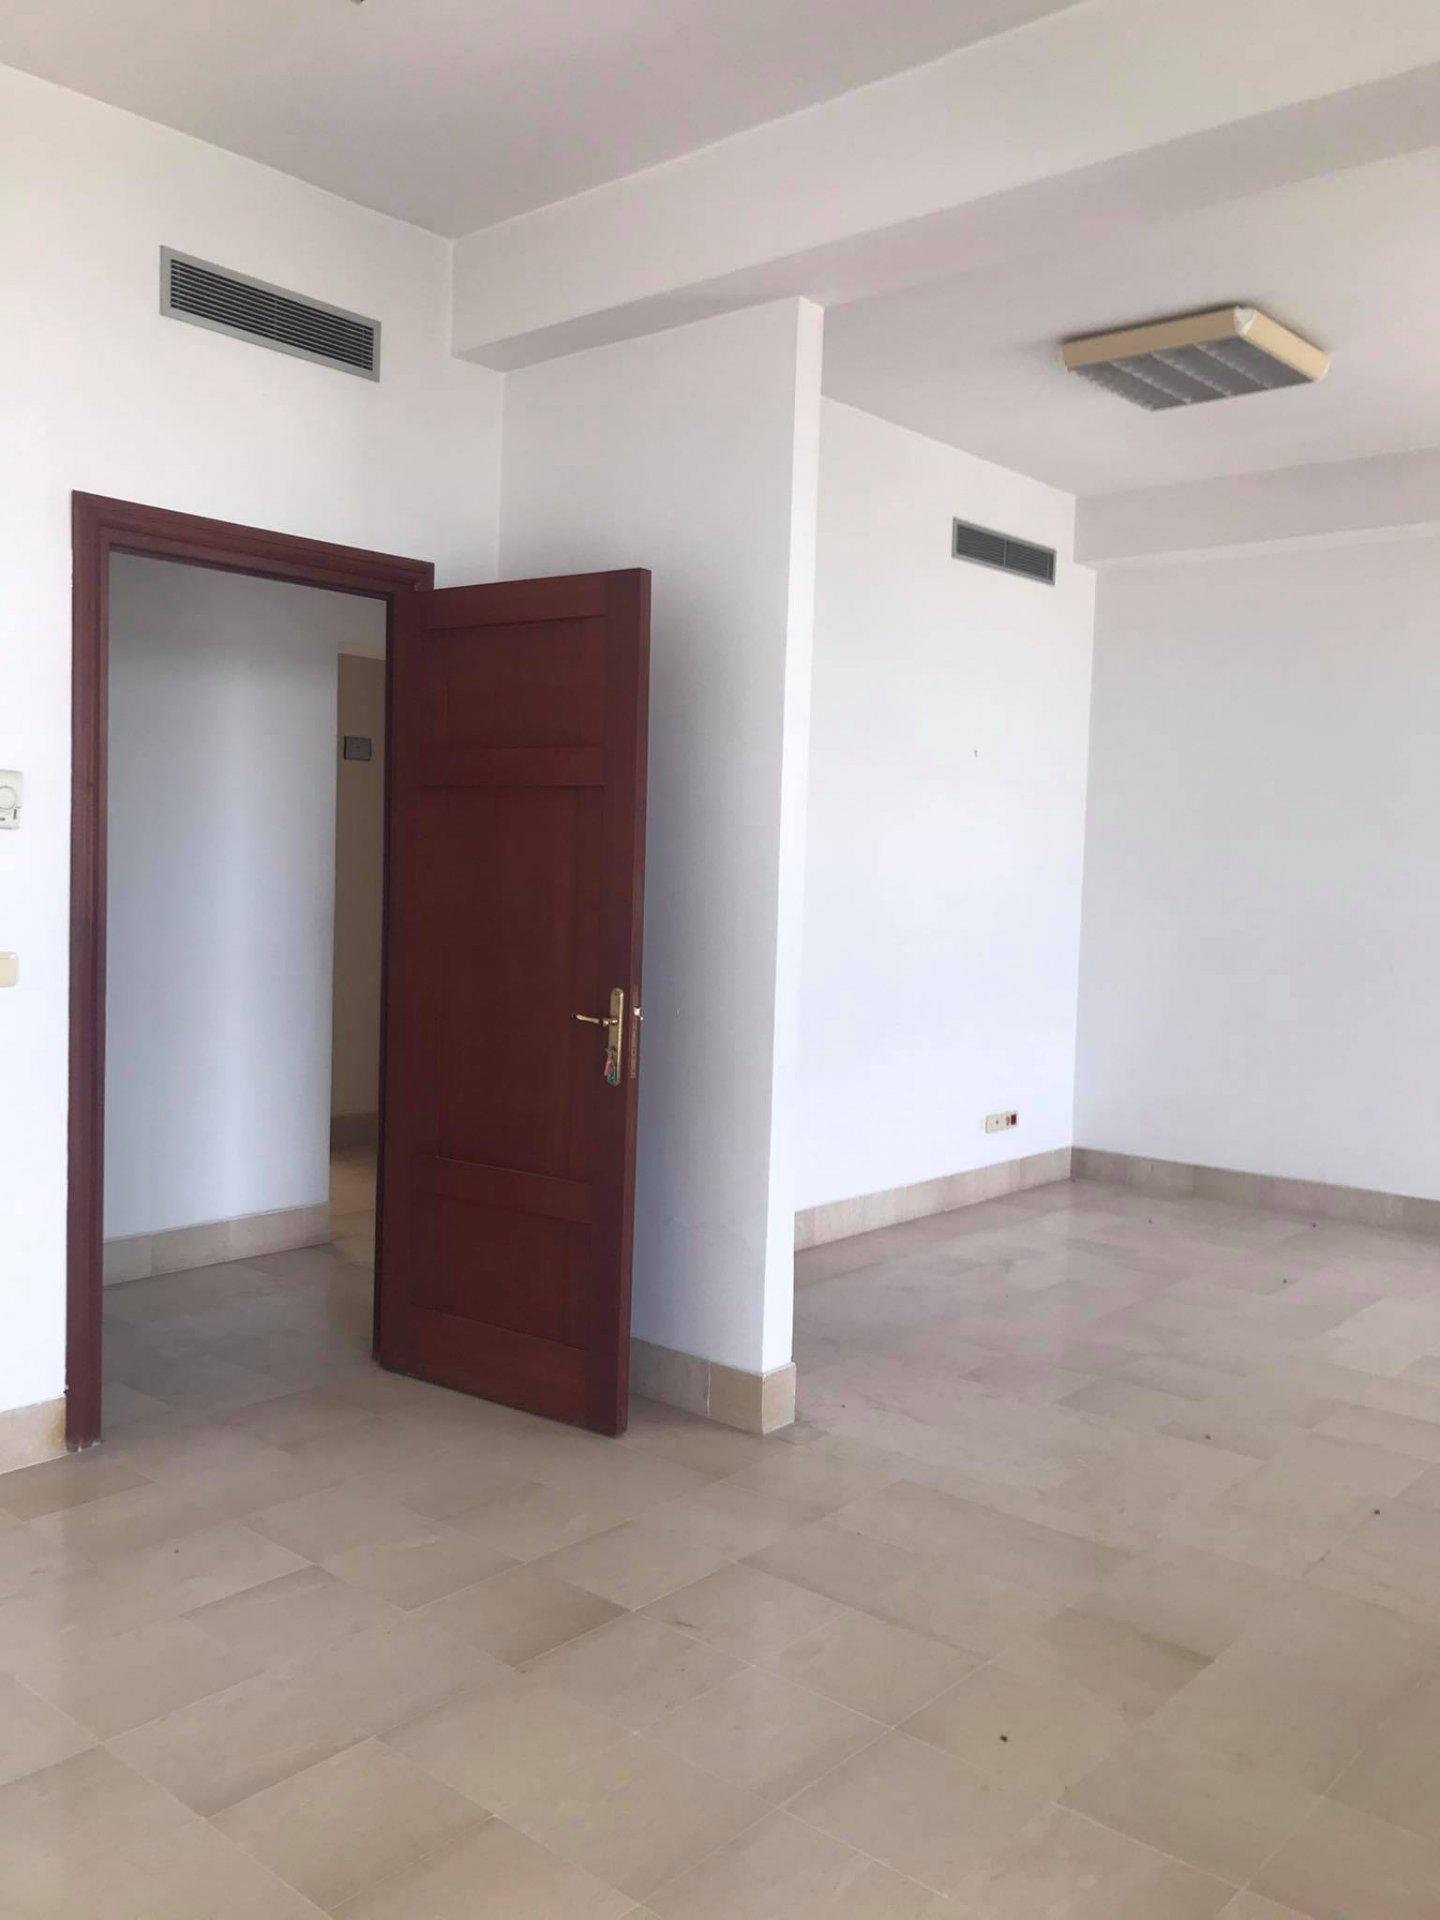 Location Immeuble de bureaux 1050 m² au Lac 1